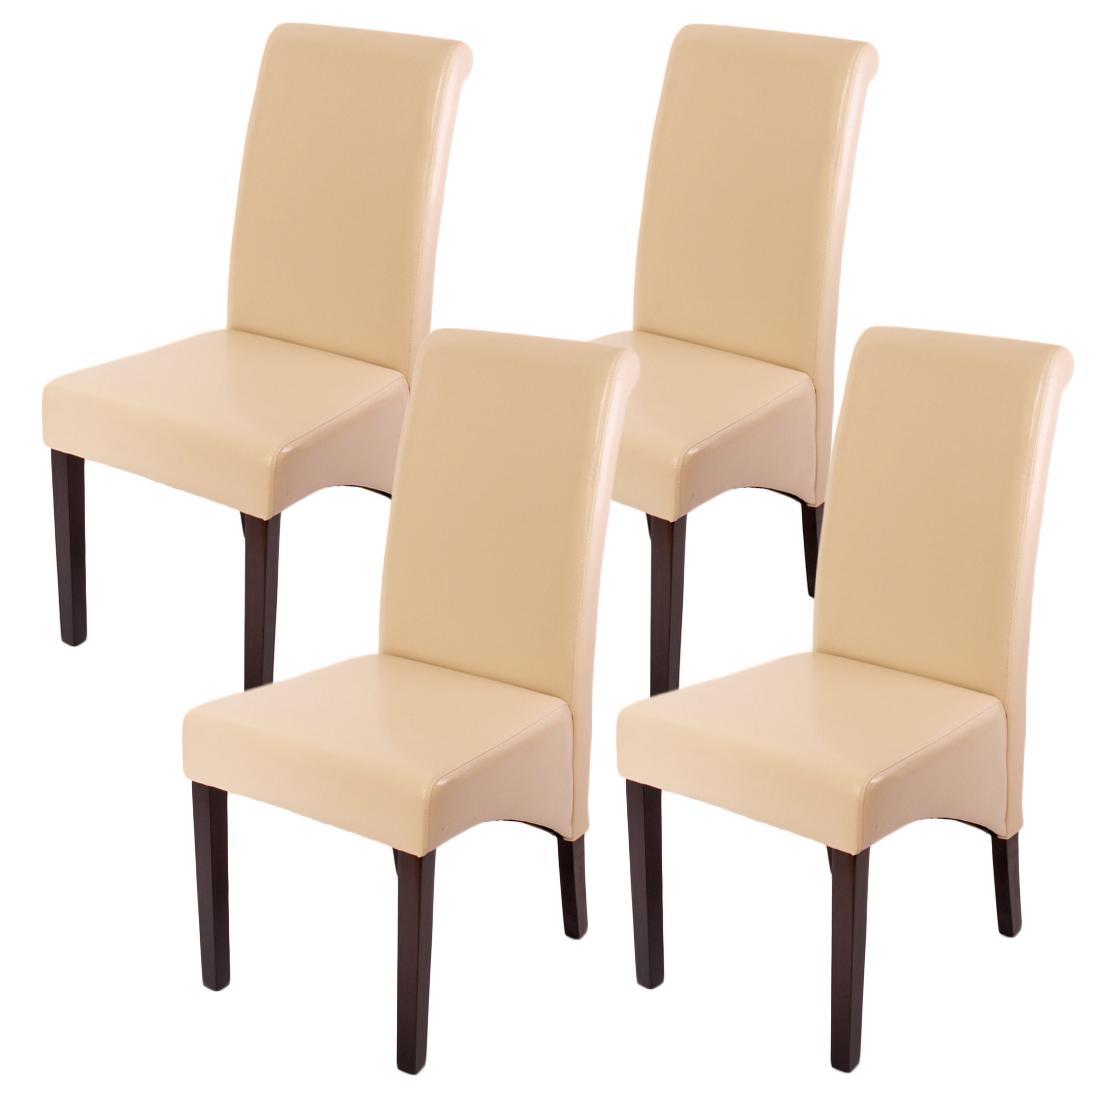 Lote 4 sillas de comedor turin tapizadas en piel real for Sillas en piel para comedor